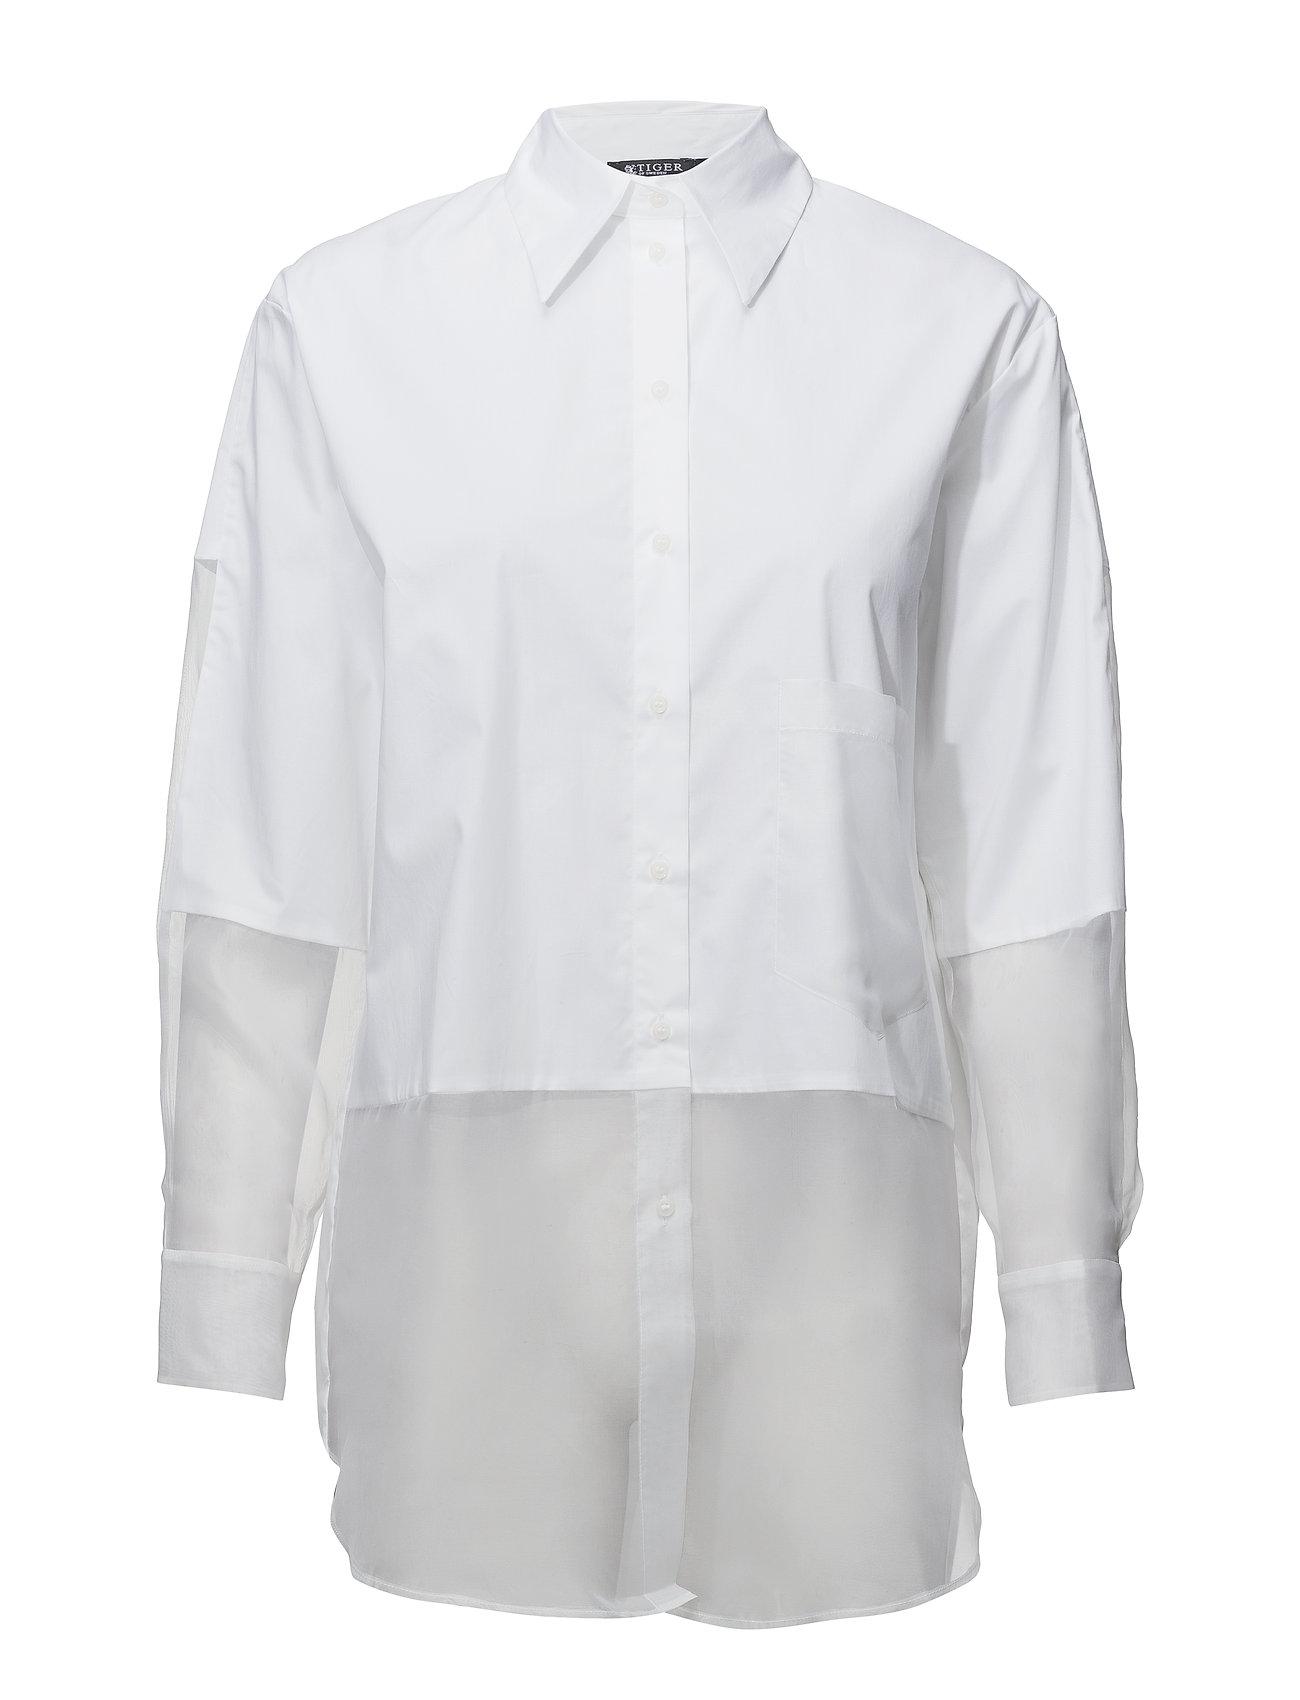 97c4d76c7a9 Tiger of Sweden langærmede skjorter – Kakia til dame i BRIGHT WHITE ...